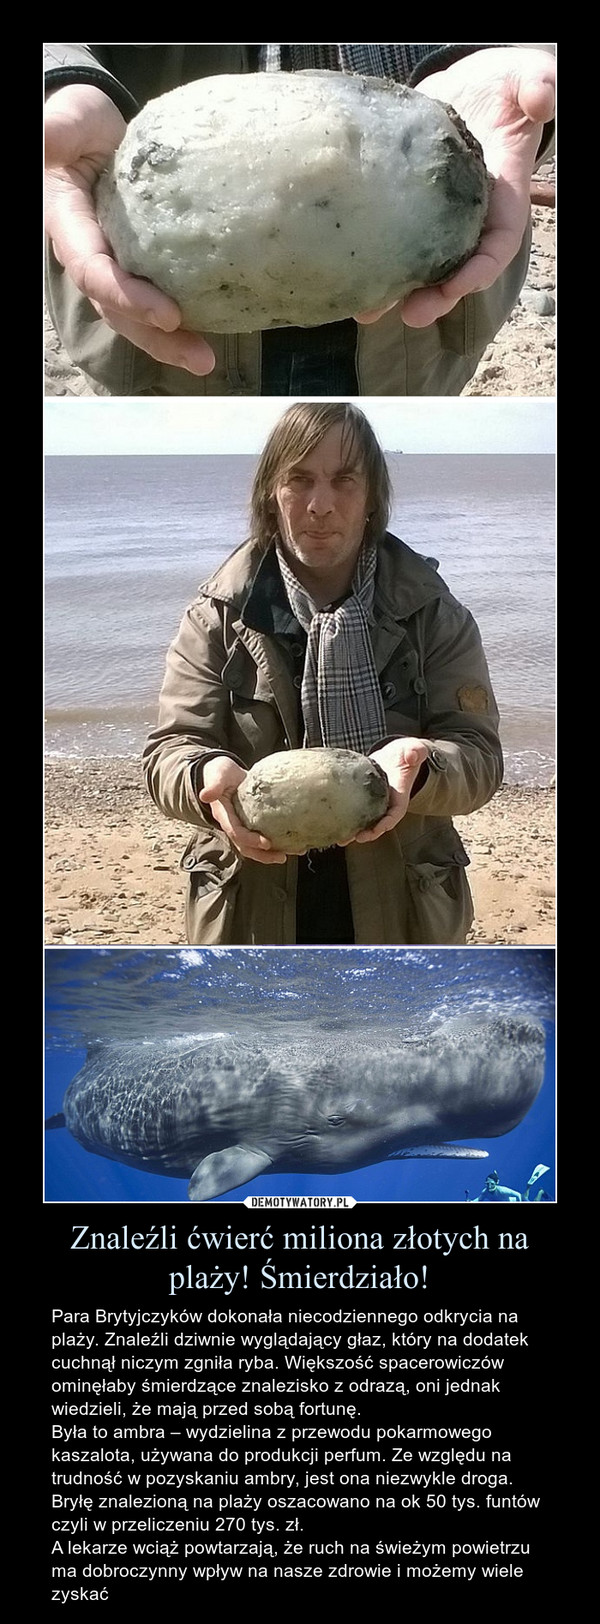 Znaleźli ćwierć miliona złotych na plaży! Śmierdziało! – Para Brytyjczyków dokonała niecodziennego odkrycia na plaży. Znaleźli dziwnie wyglądający głaz, który na dodatek cuchnął niczym zgniła ryba. Większość spacerowiczów ominęłaby śmierdzące znalezisko z odrazą, oni jednak wiedzieli, że mają przed sobą fortunę.Była to ambra – wydzielina z przewodu pokarmowego kaszalota, używana do produkcji perfum. Ze względu na trudność w pozyskaniu ambry, jest ona niezwykle droga. Bryłę znalezioną na plaży oszacowano na ok 50 tys. funtów czyli w przeliczeniu 270 tys. zł.A lekarze wciąż powtarzają, że ruch na świeżym powietrzu ma dobroczynny wpływ na nasze zdrowie i możemy wiele zyskać